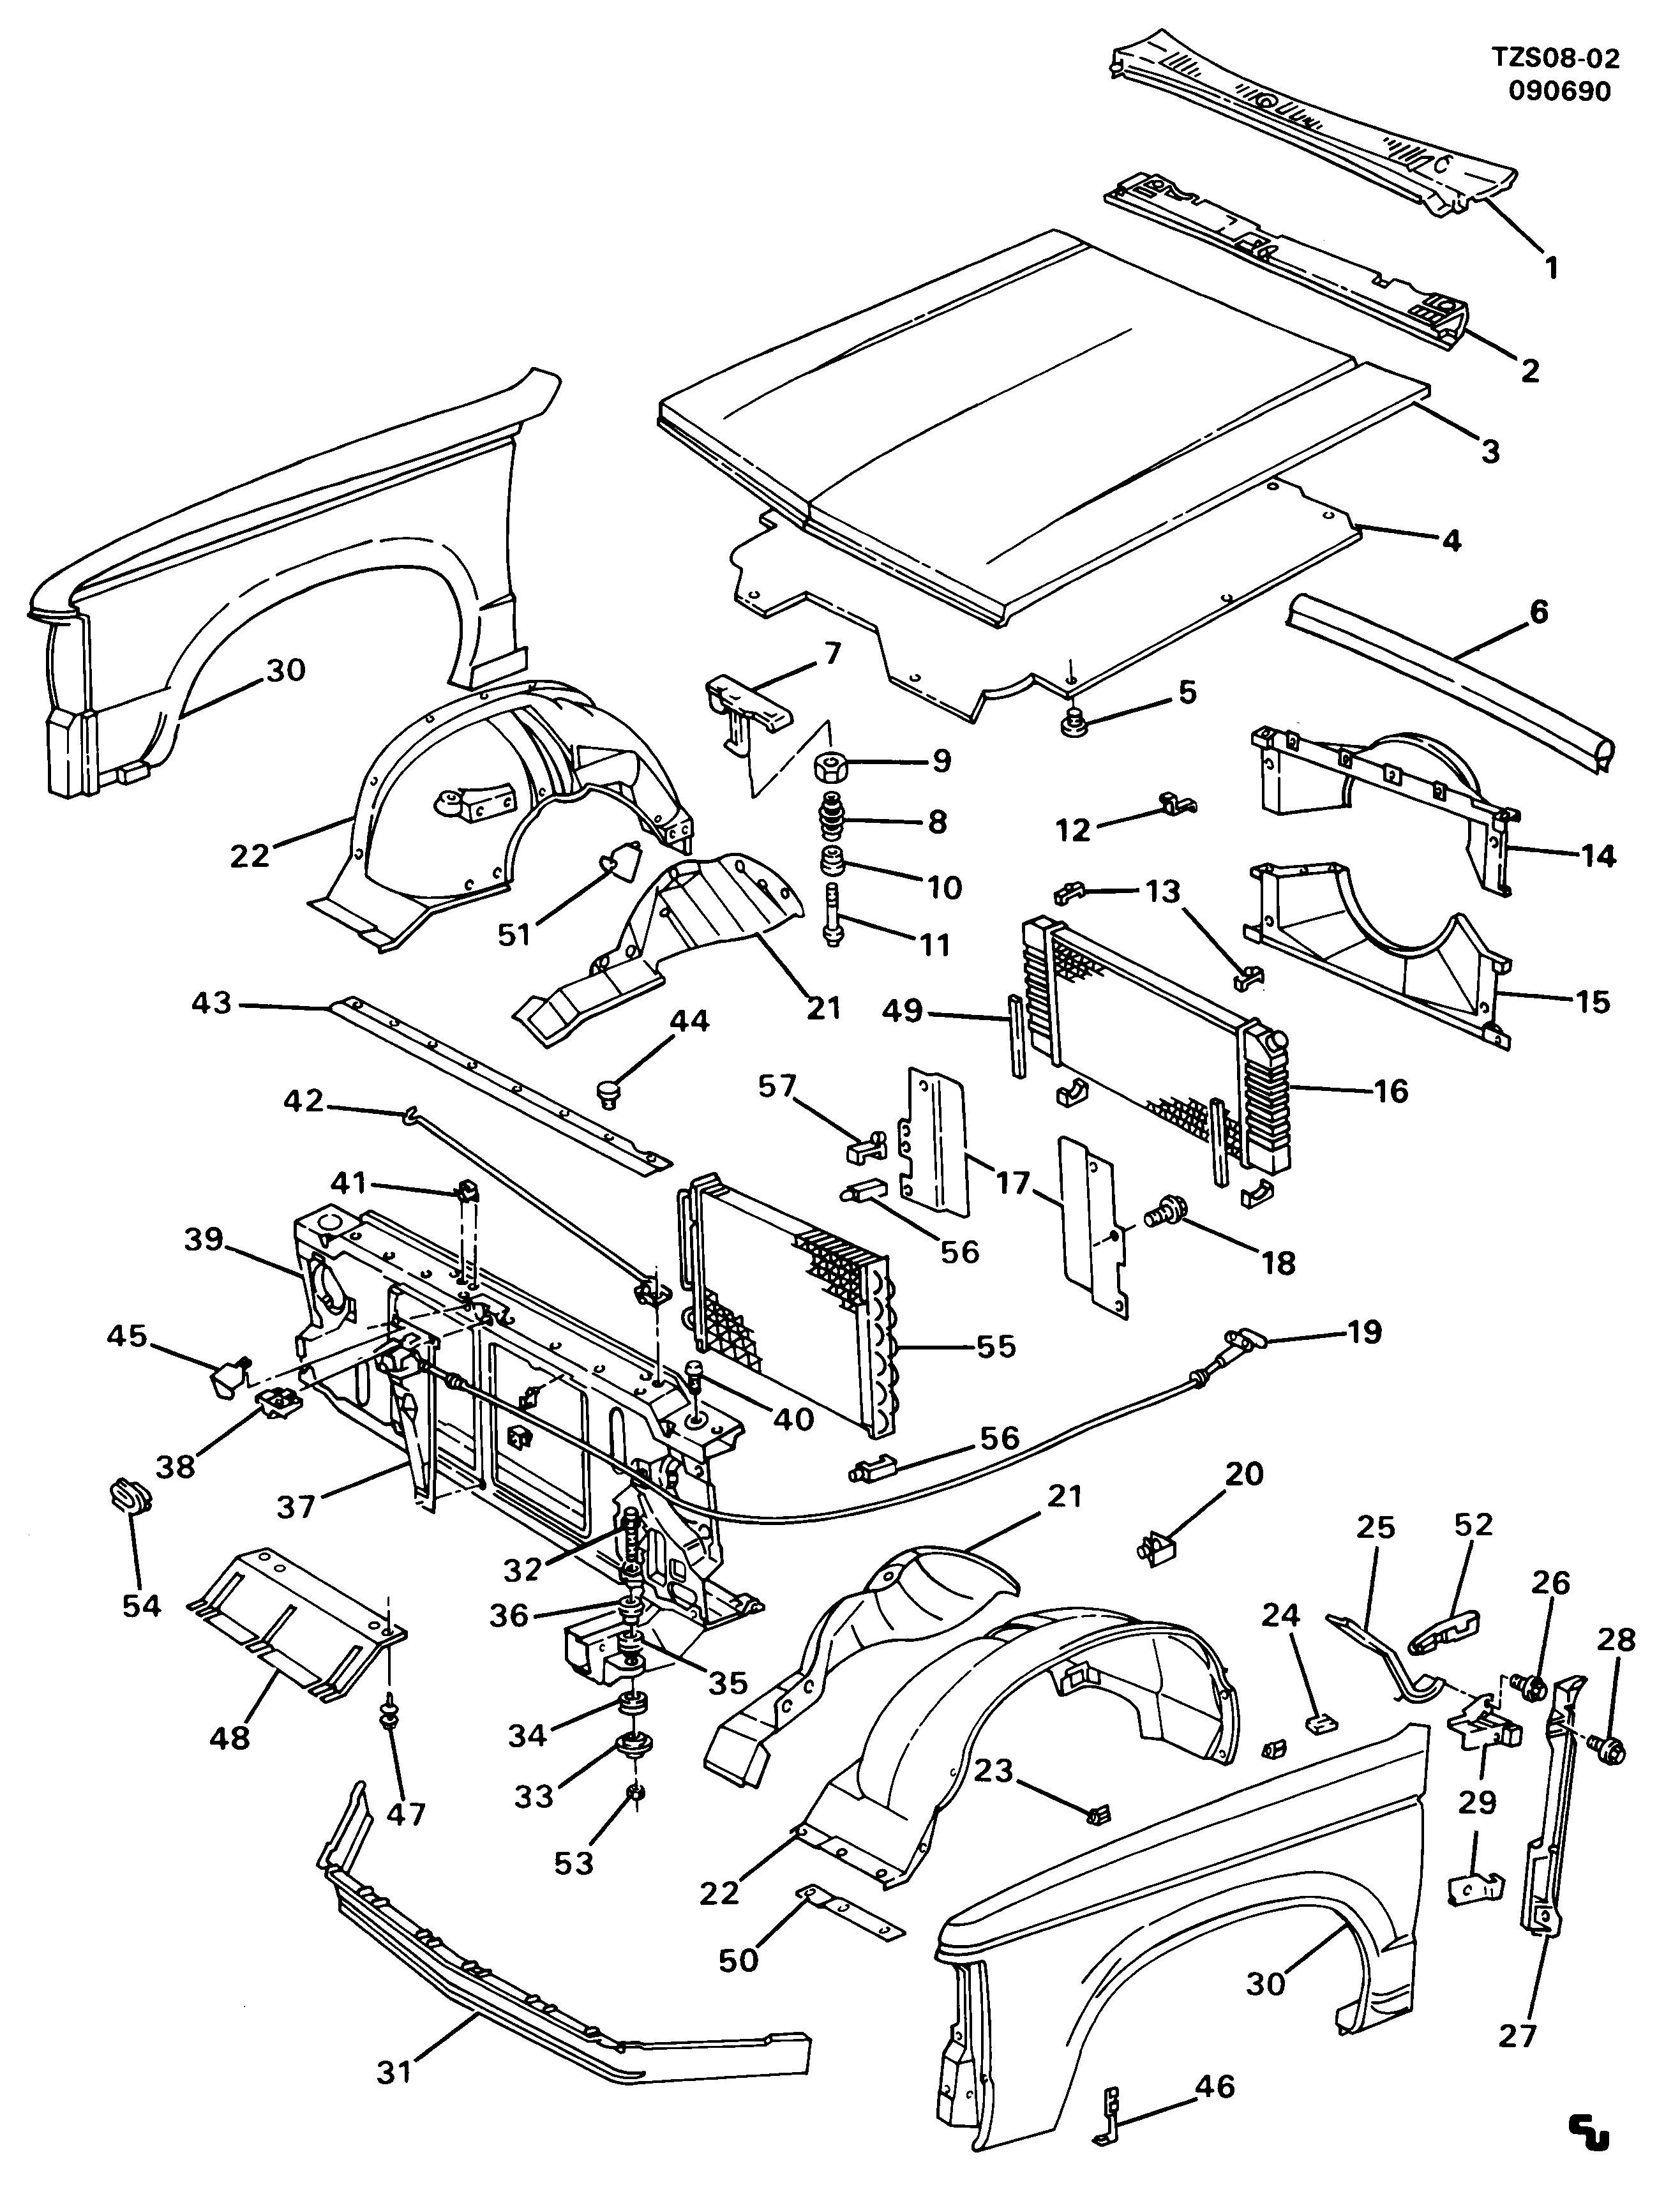 S10 Blazer 4x4